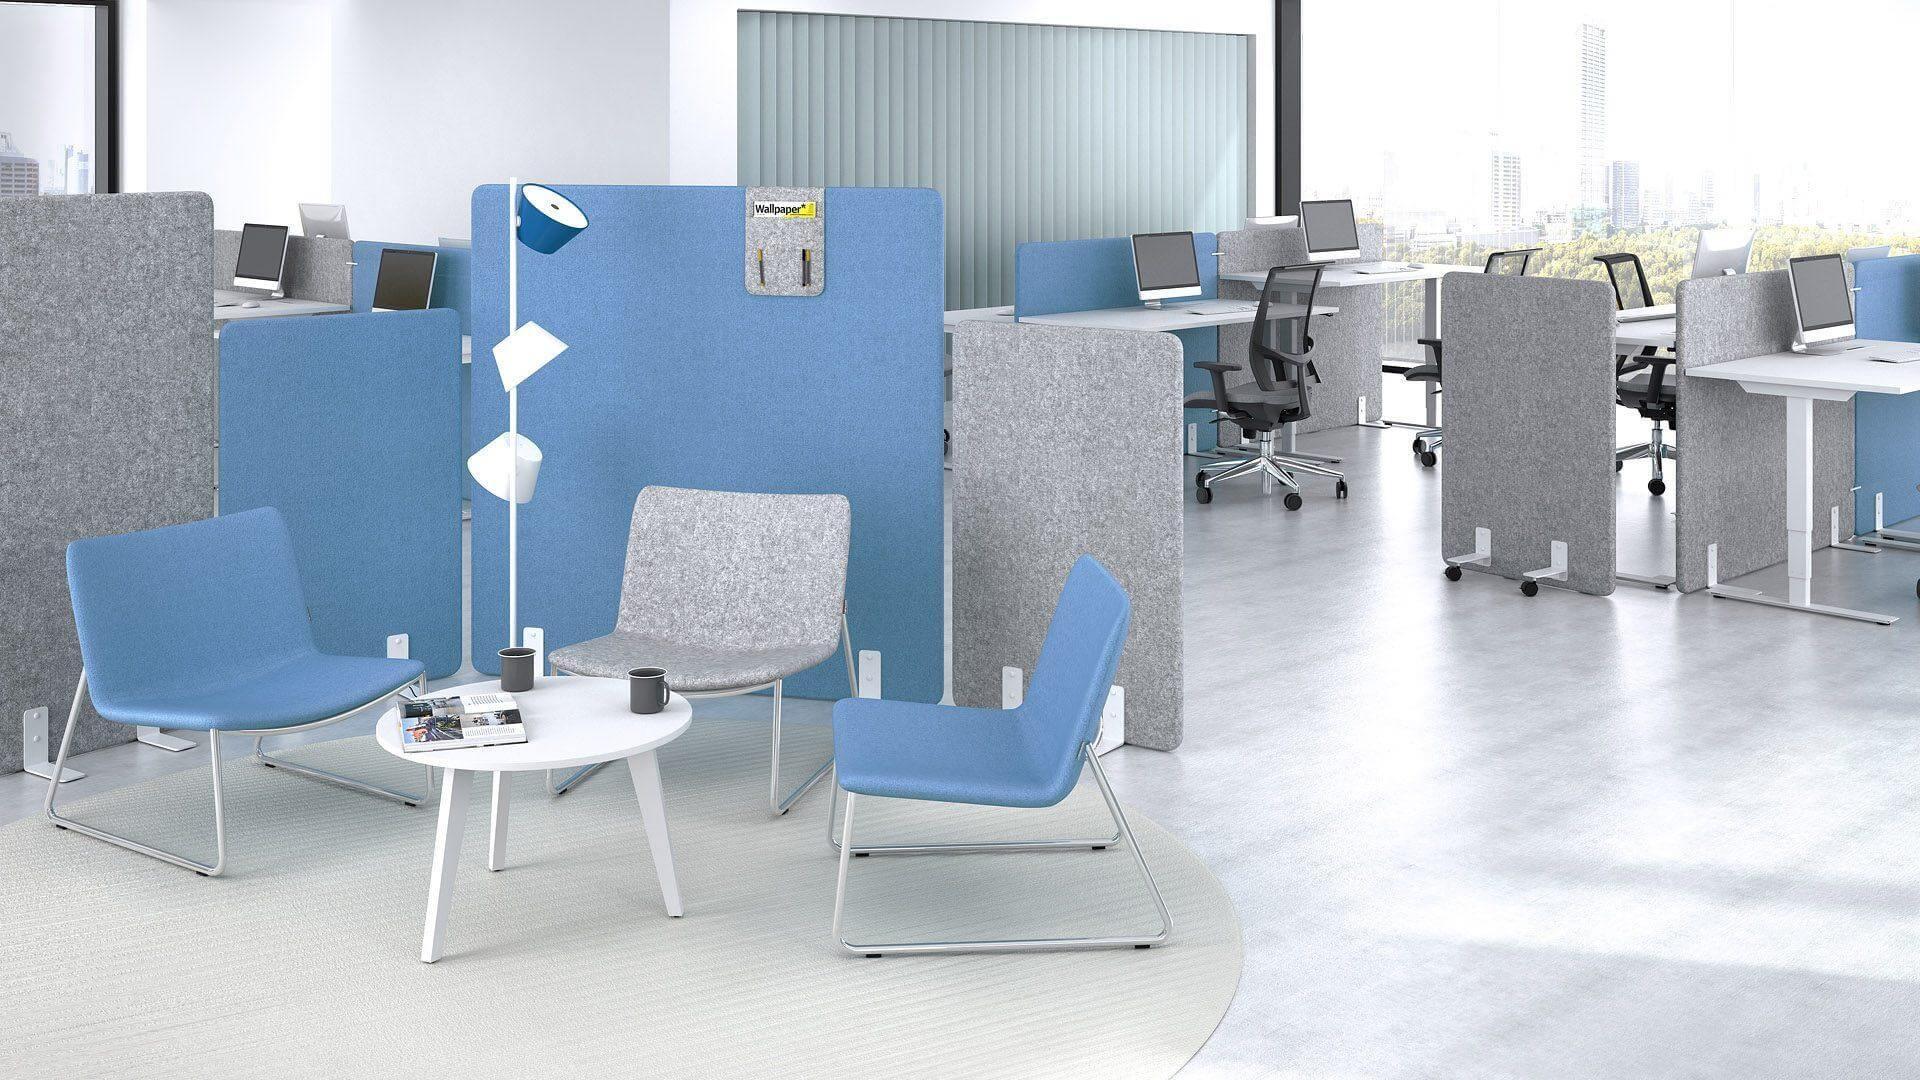 przestrzeń biurowa z wydzielonym miejscem na kawę